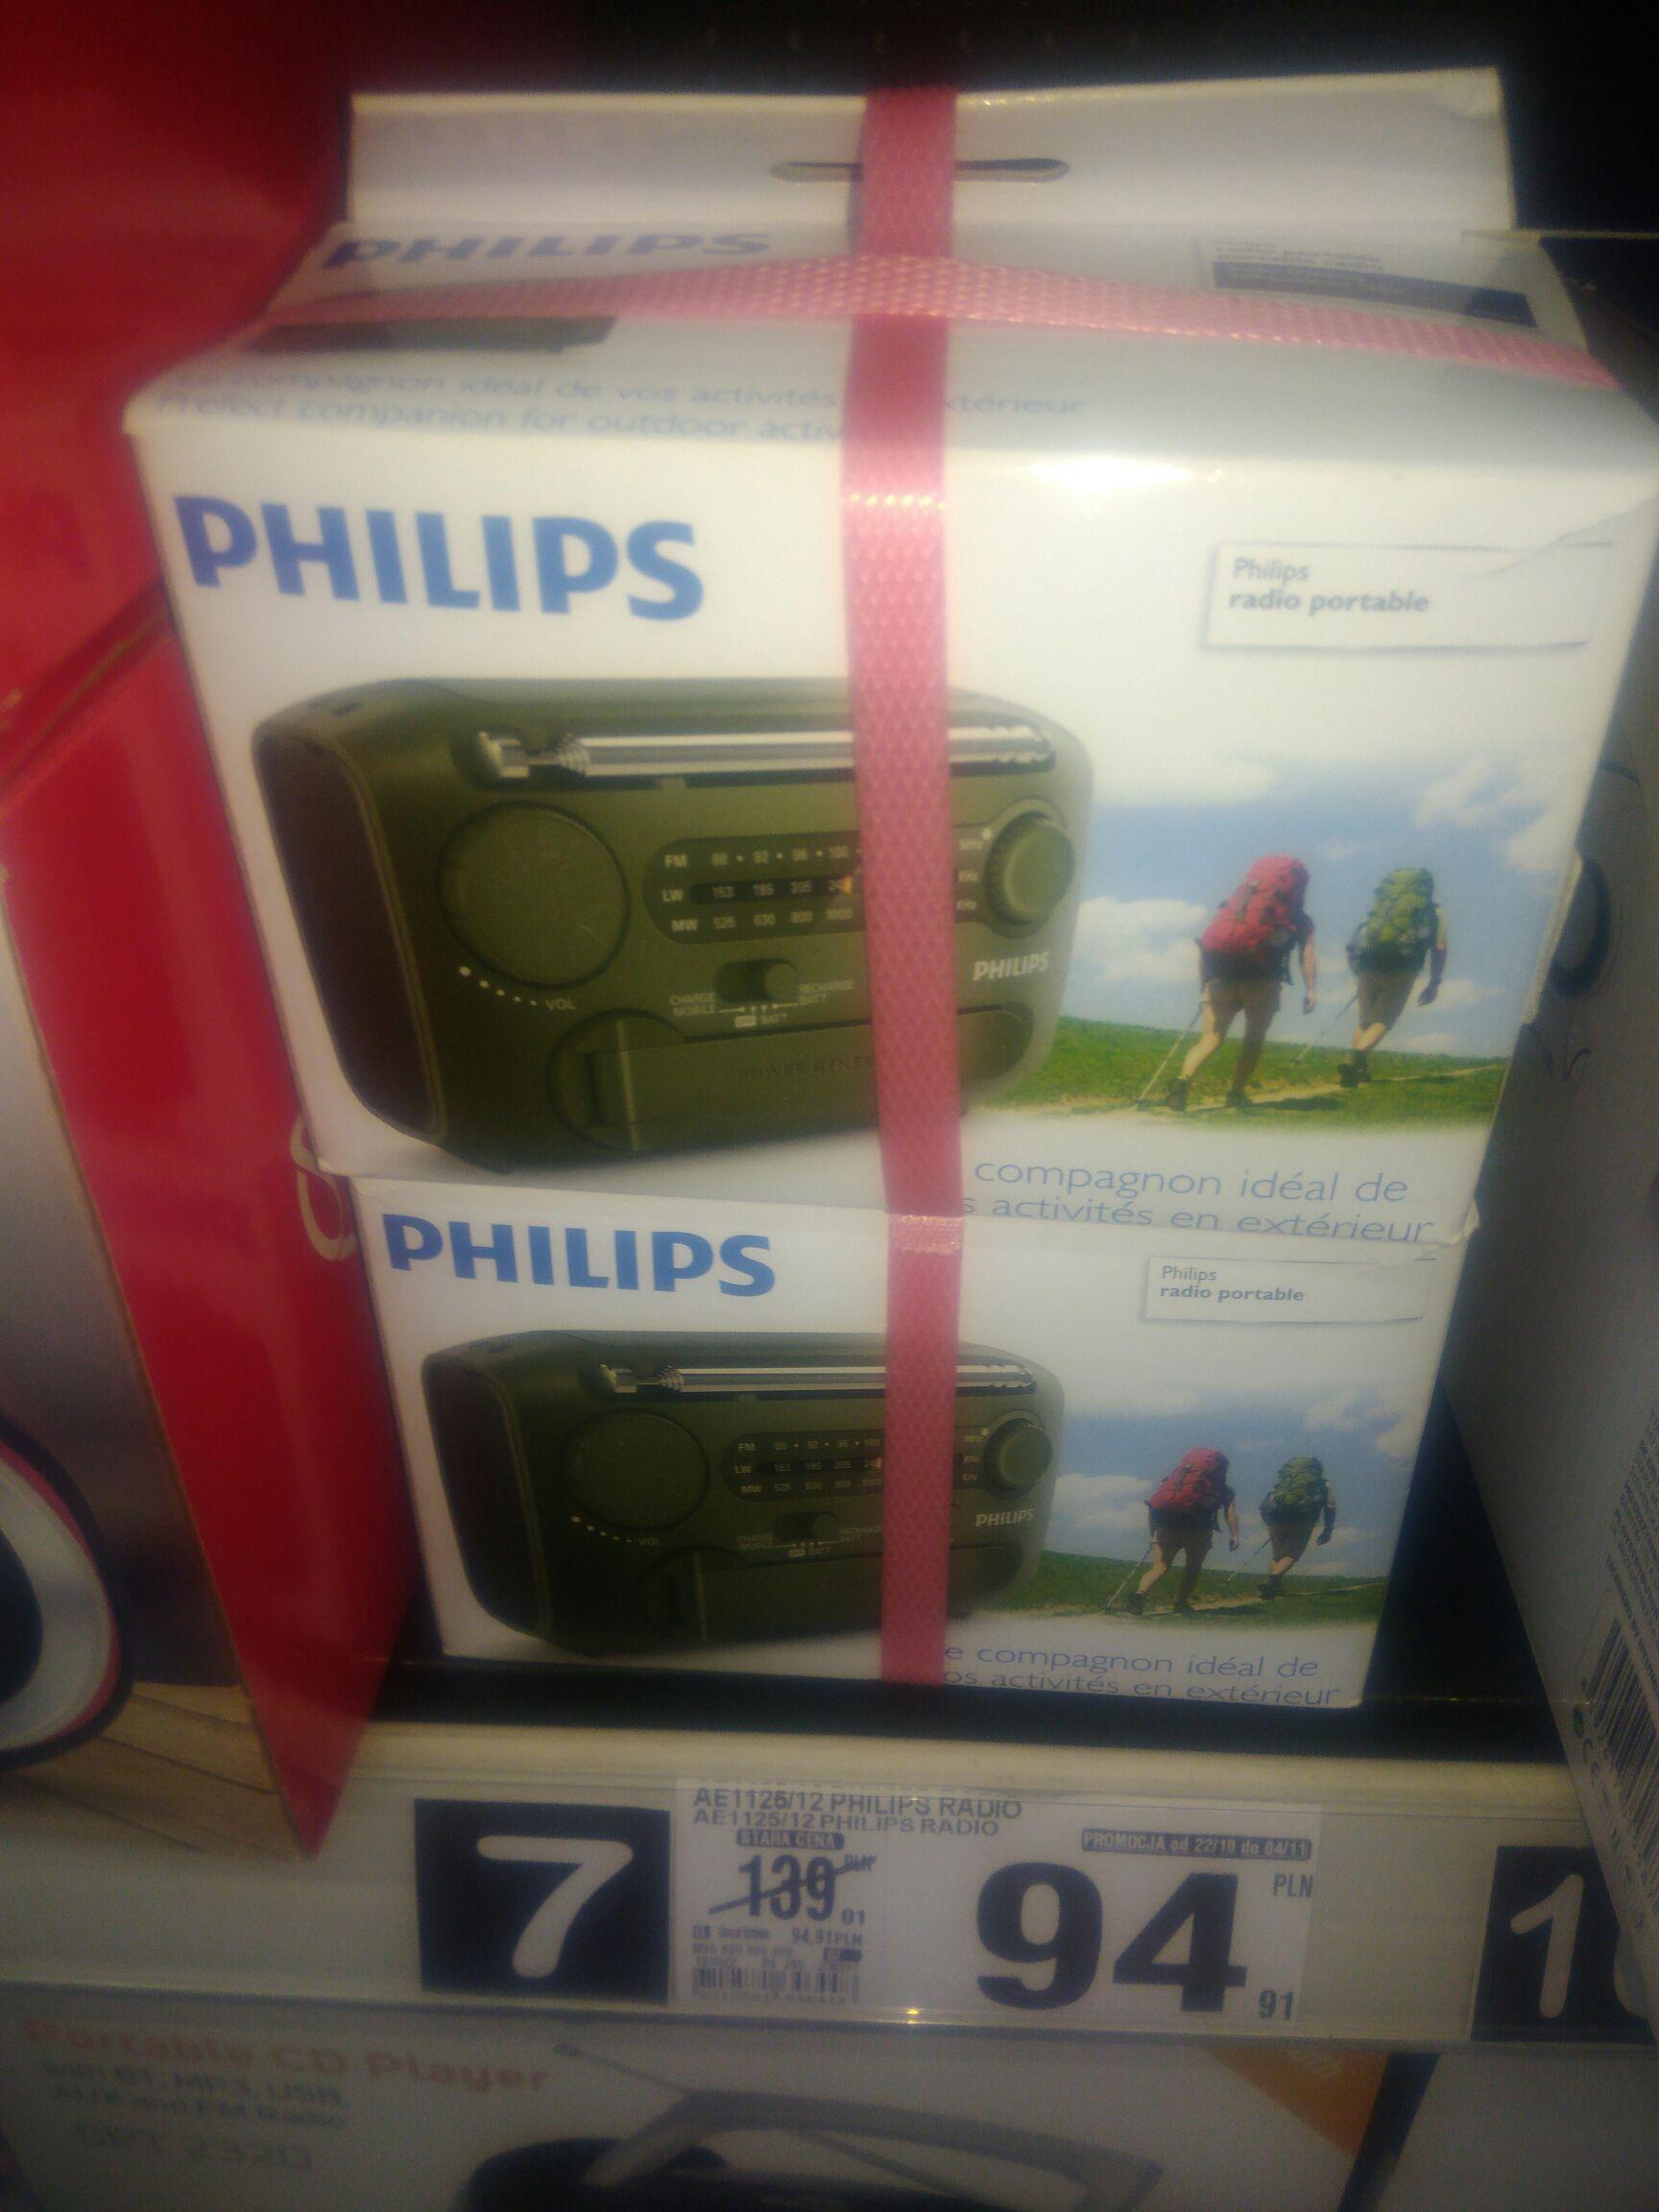 Przenośne radio Philips AE1125/12 - B1 Wałbrzych